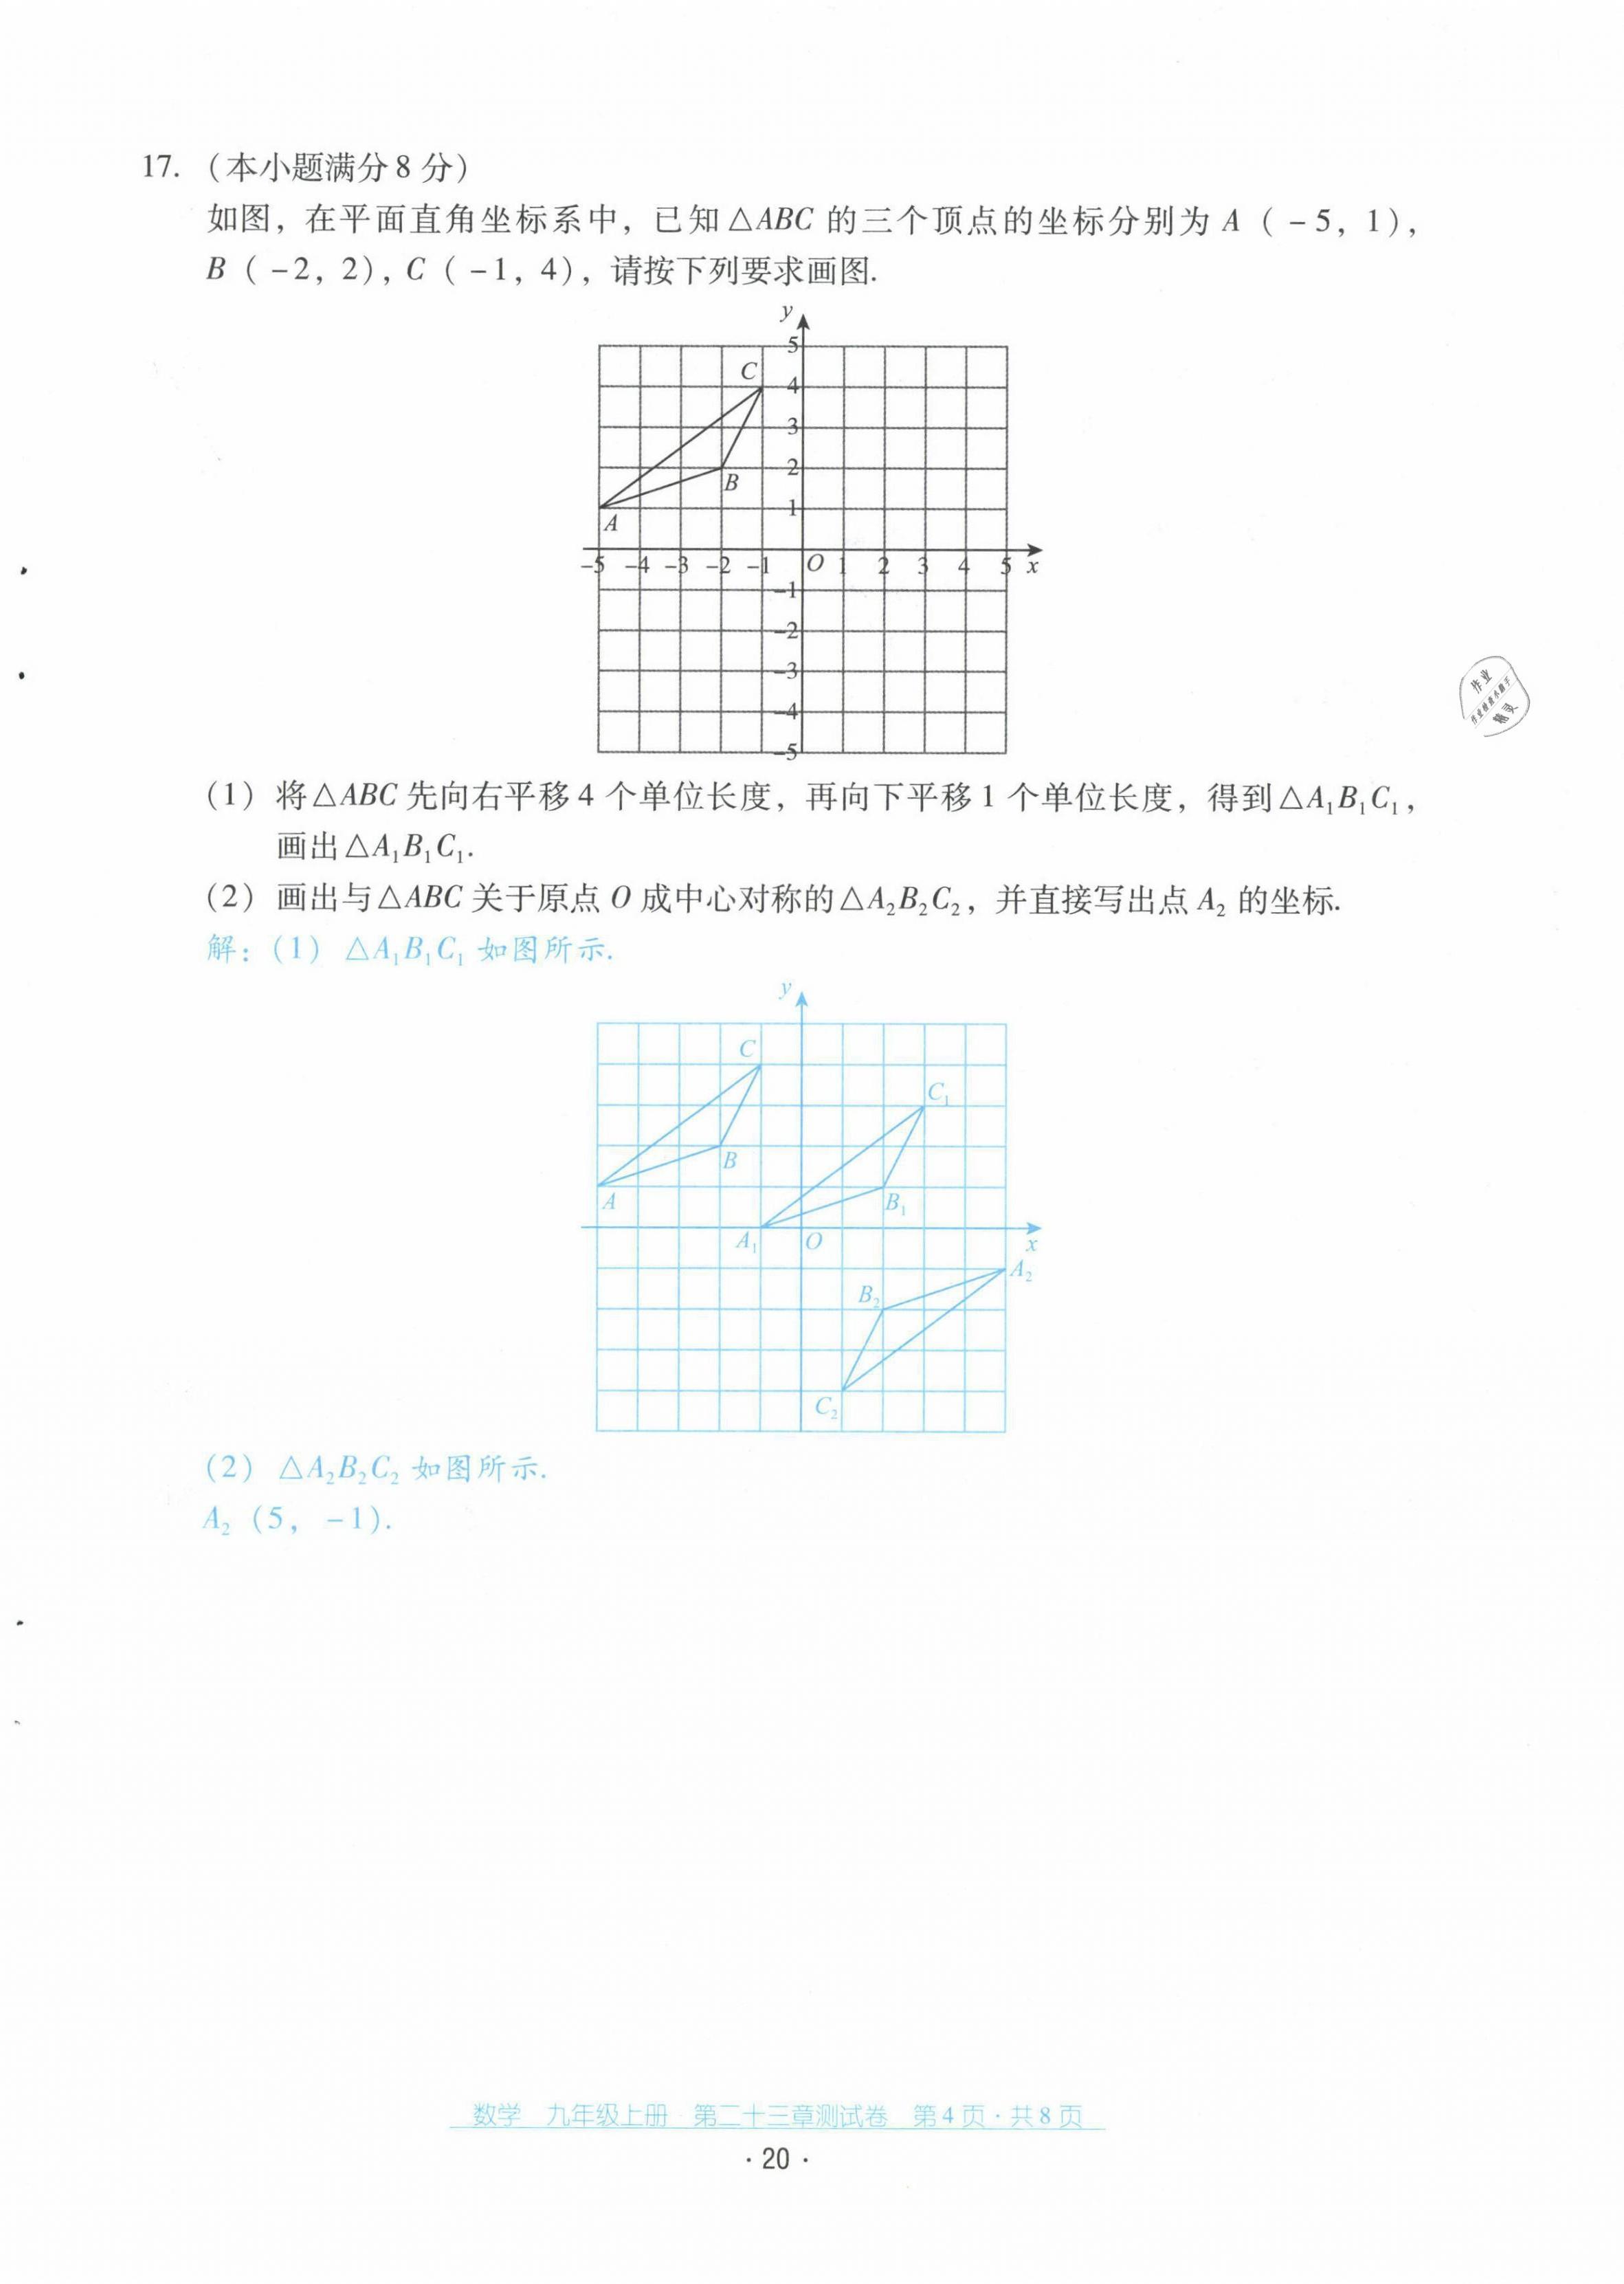 2021年云南省标准教辅优佳学案配套测试卷九年级数学上册人教版第20页